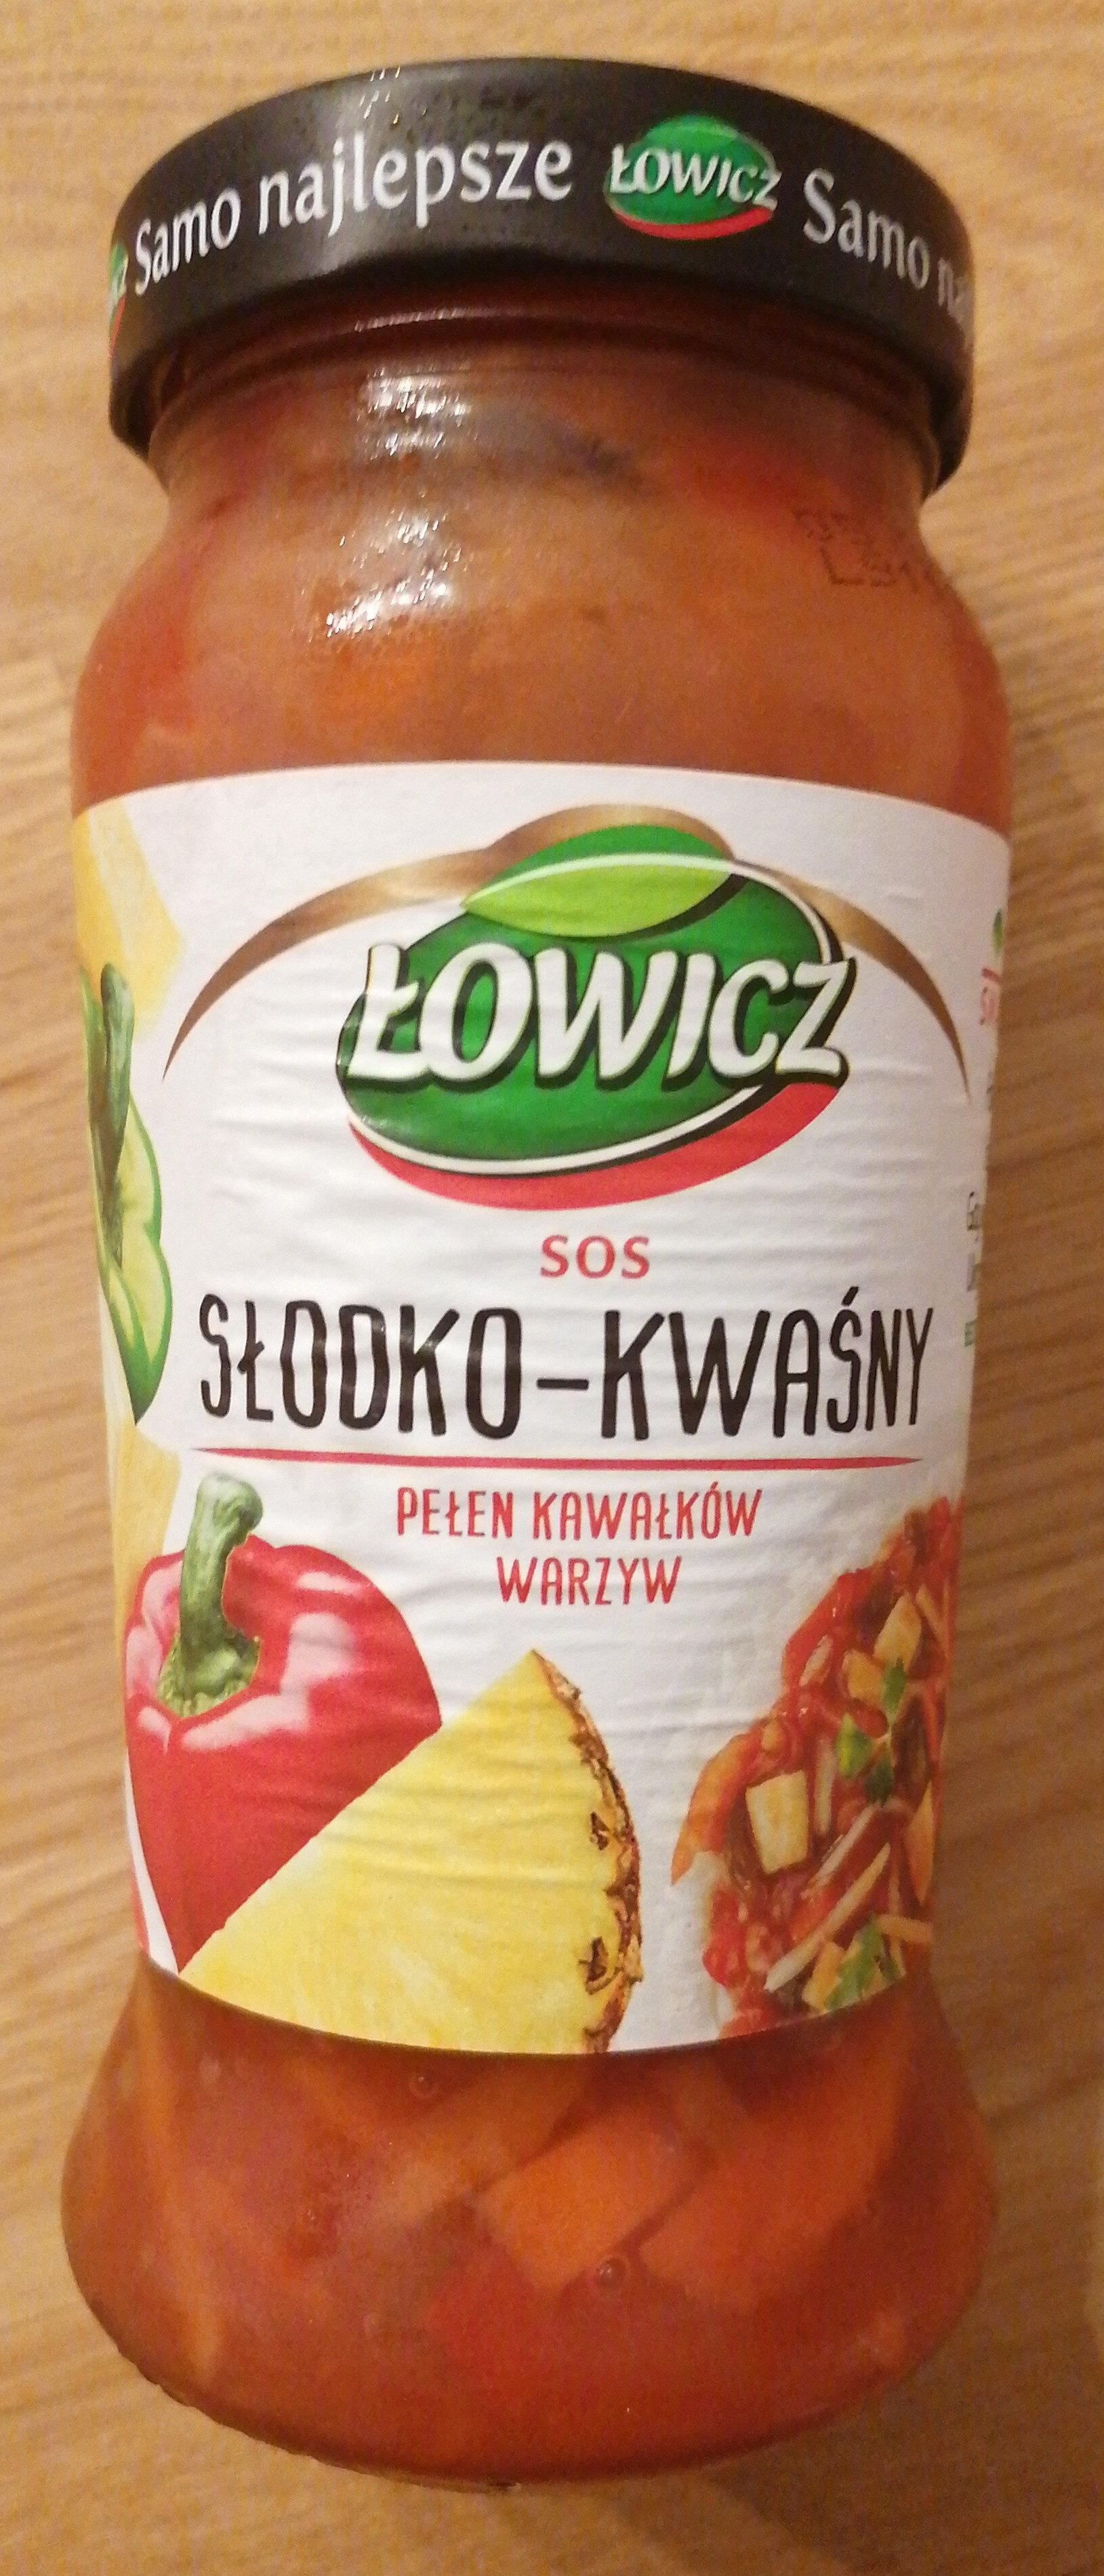 Sos słodko-kwaśny - Product - pl